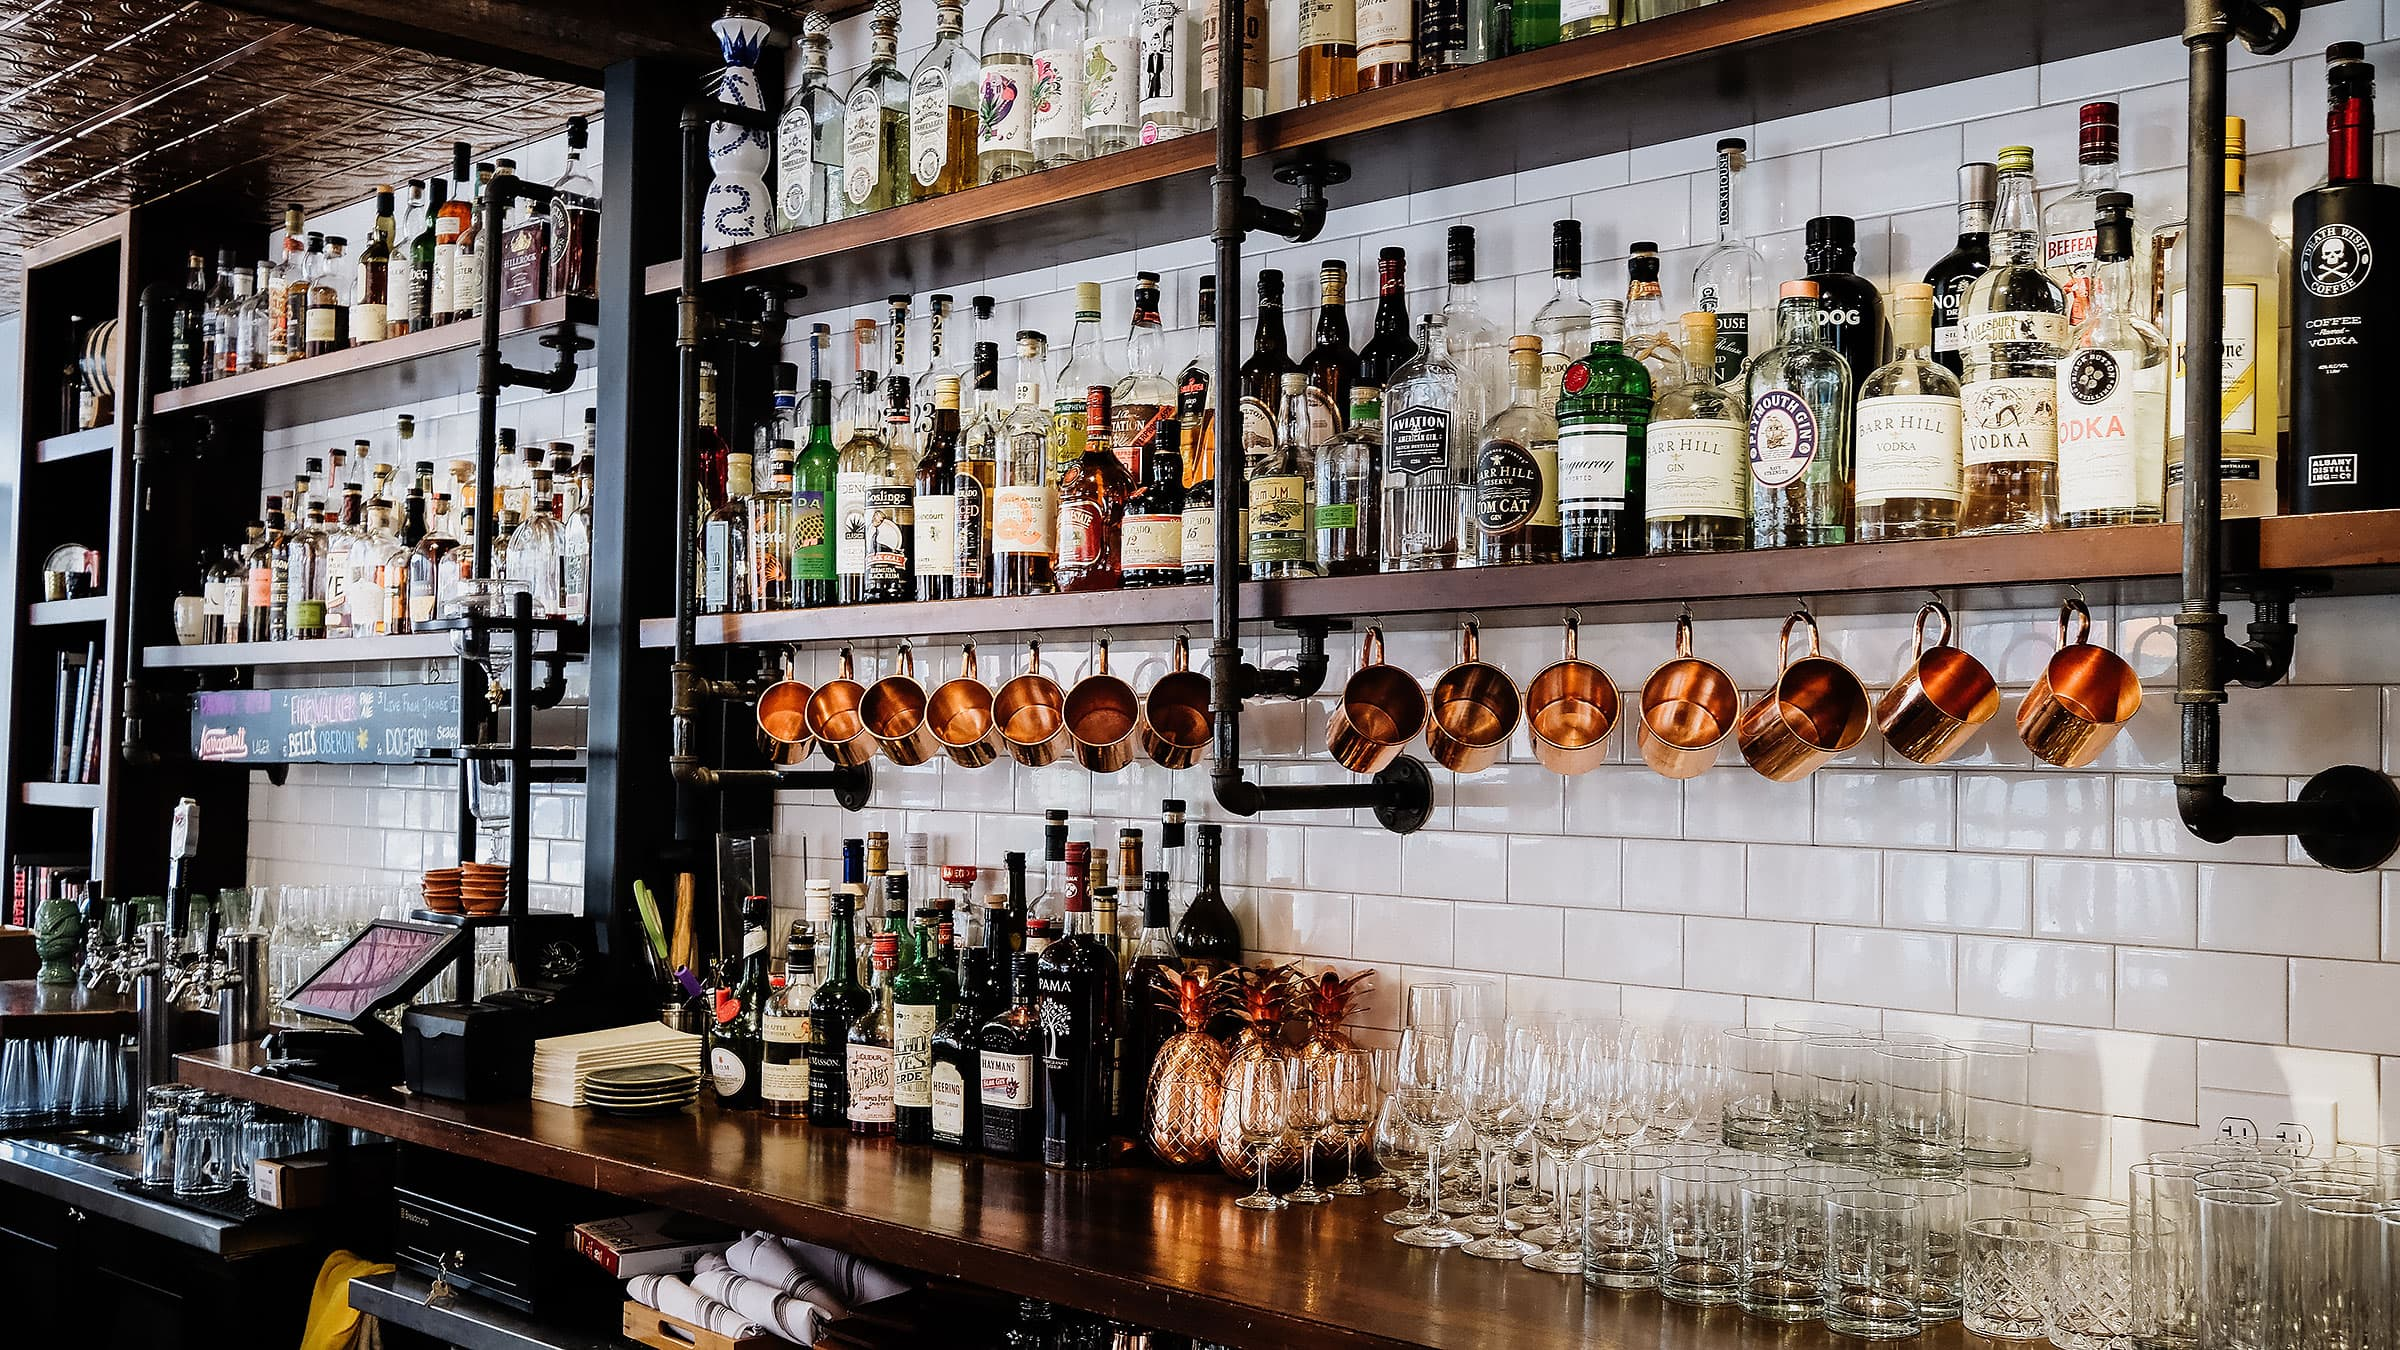 Uppsalas bästa barer